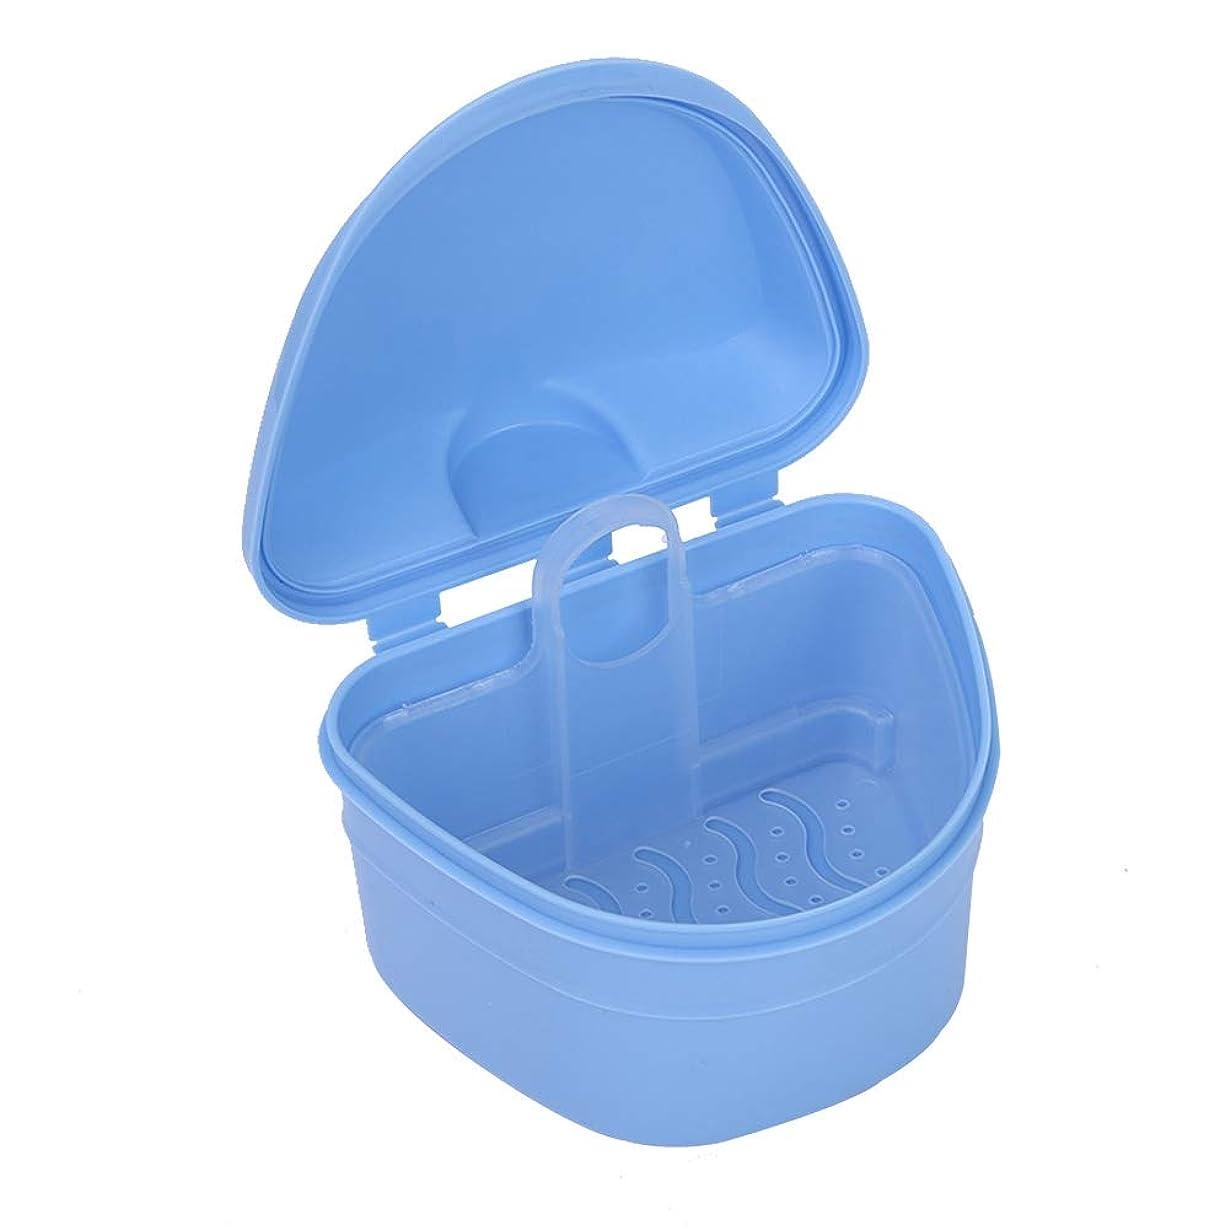 免除する狂気通行人義歯ブラシ、旅行中に浸漬義歯乳首ジュエリー小さな収納ボックスを保存するための義歯ケースケース義歯クリーニングツール